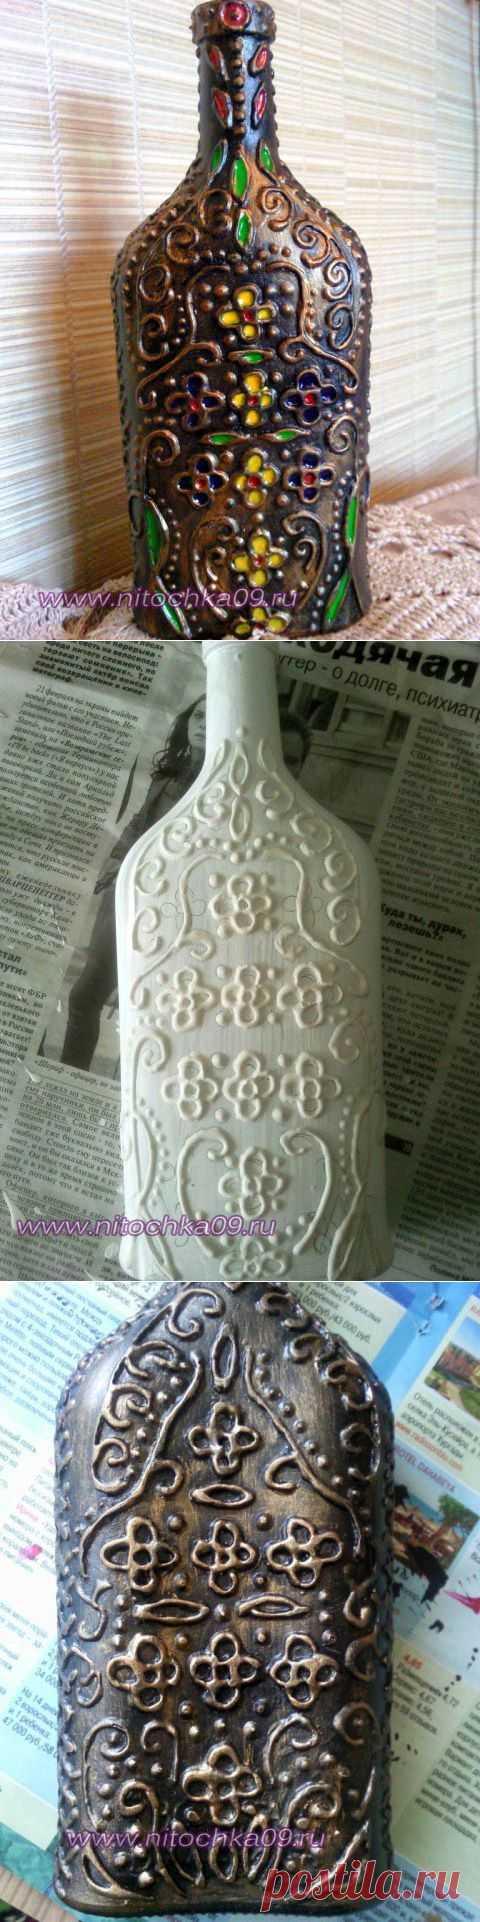 Бутылка. Имитация ковки и финифти | Золотые Руки